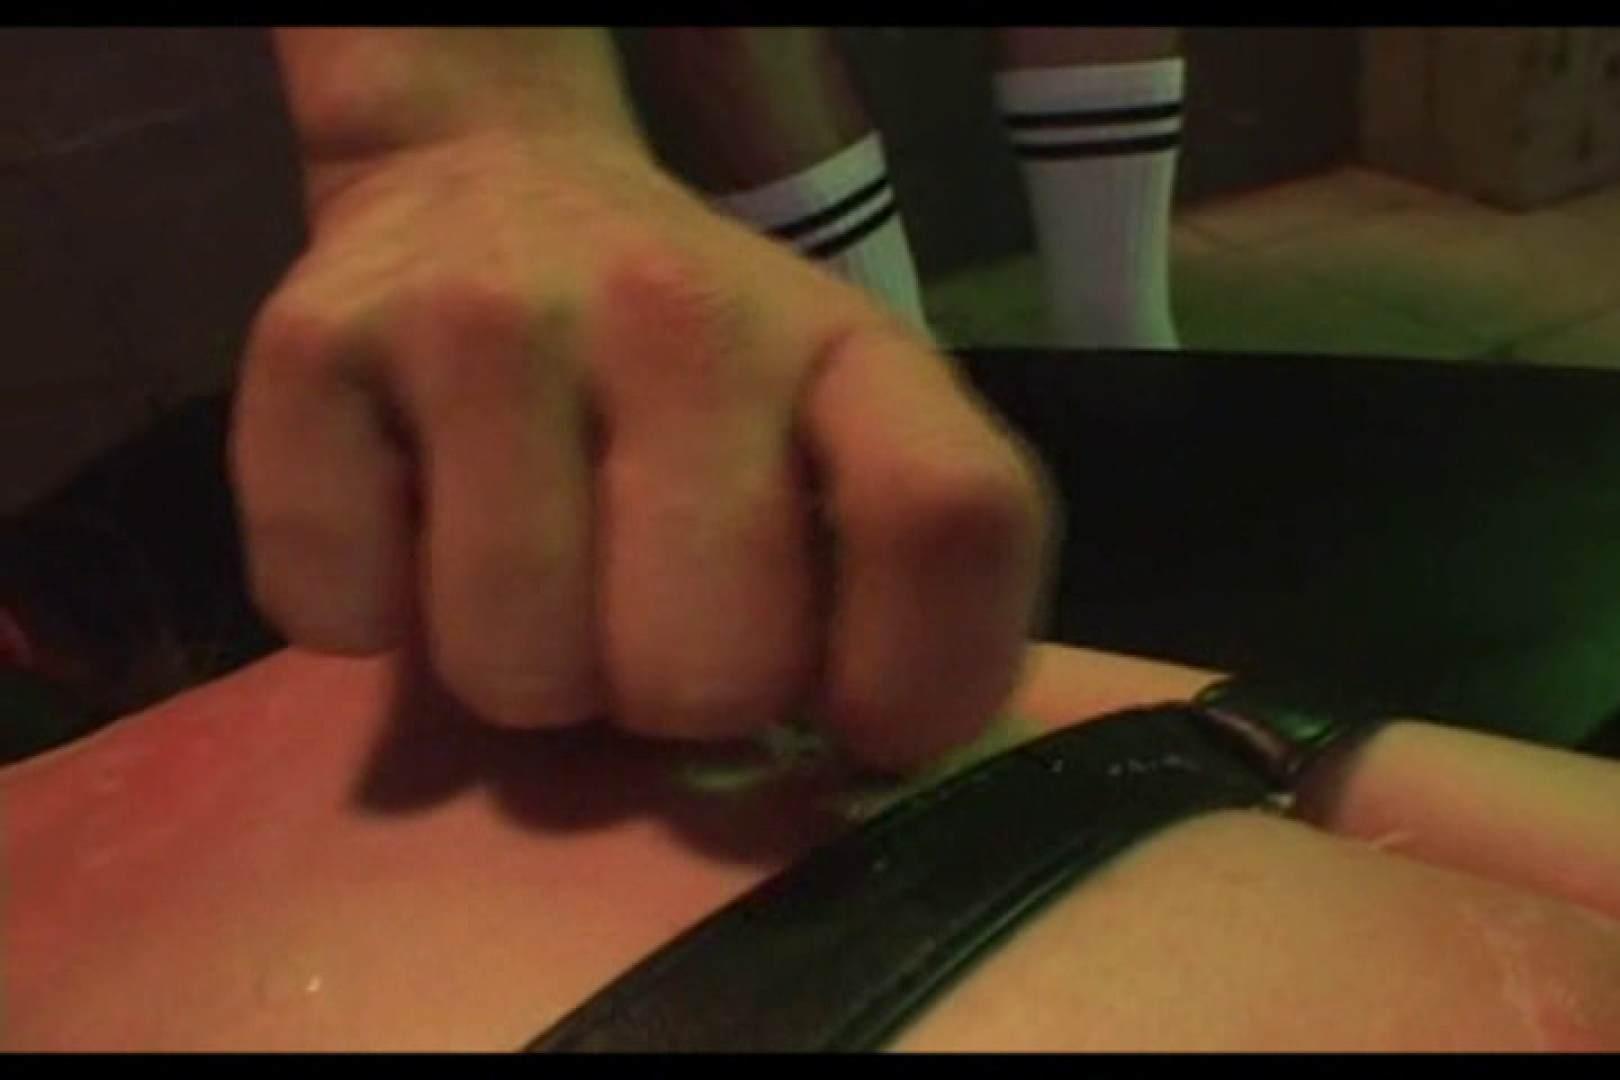 イケメン・・・アグレッシブ危険ファイルNo.04 スジ筋系男子 ゲイアダルト画像 108枚 34